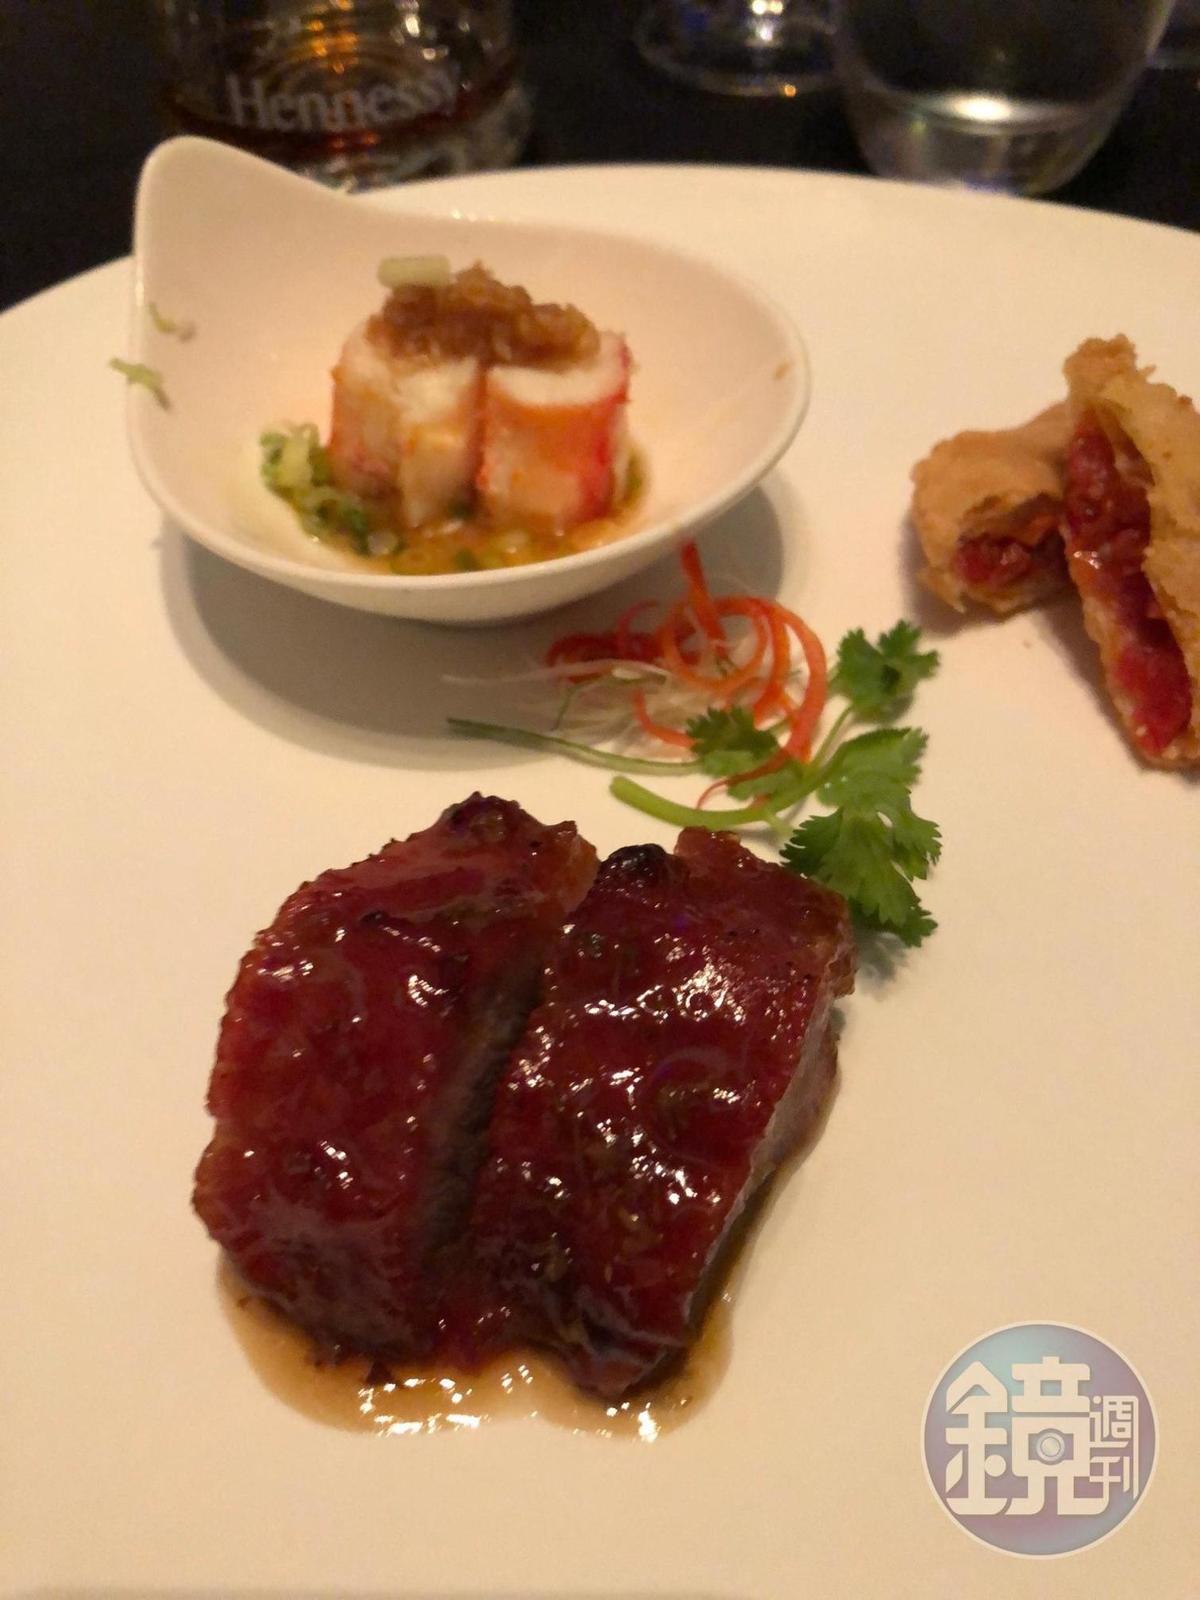 V.S.O.P與帶甜味的叉燒、番茄乾都搭配得很好。